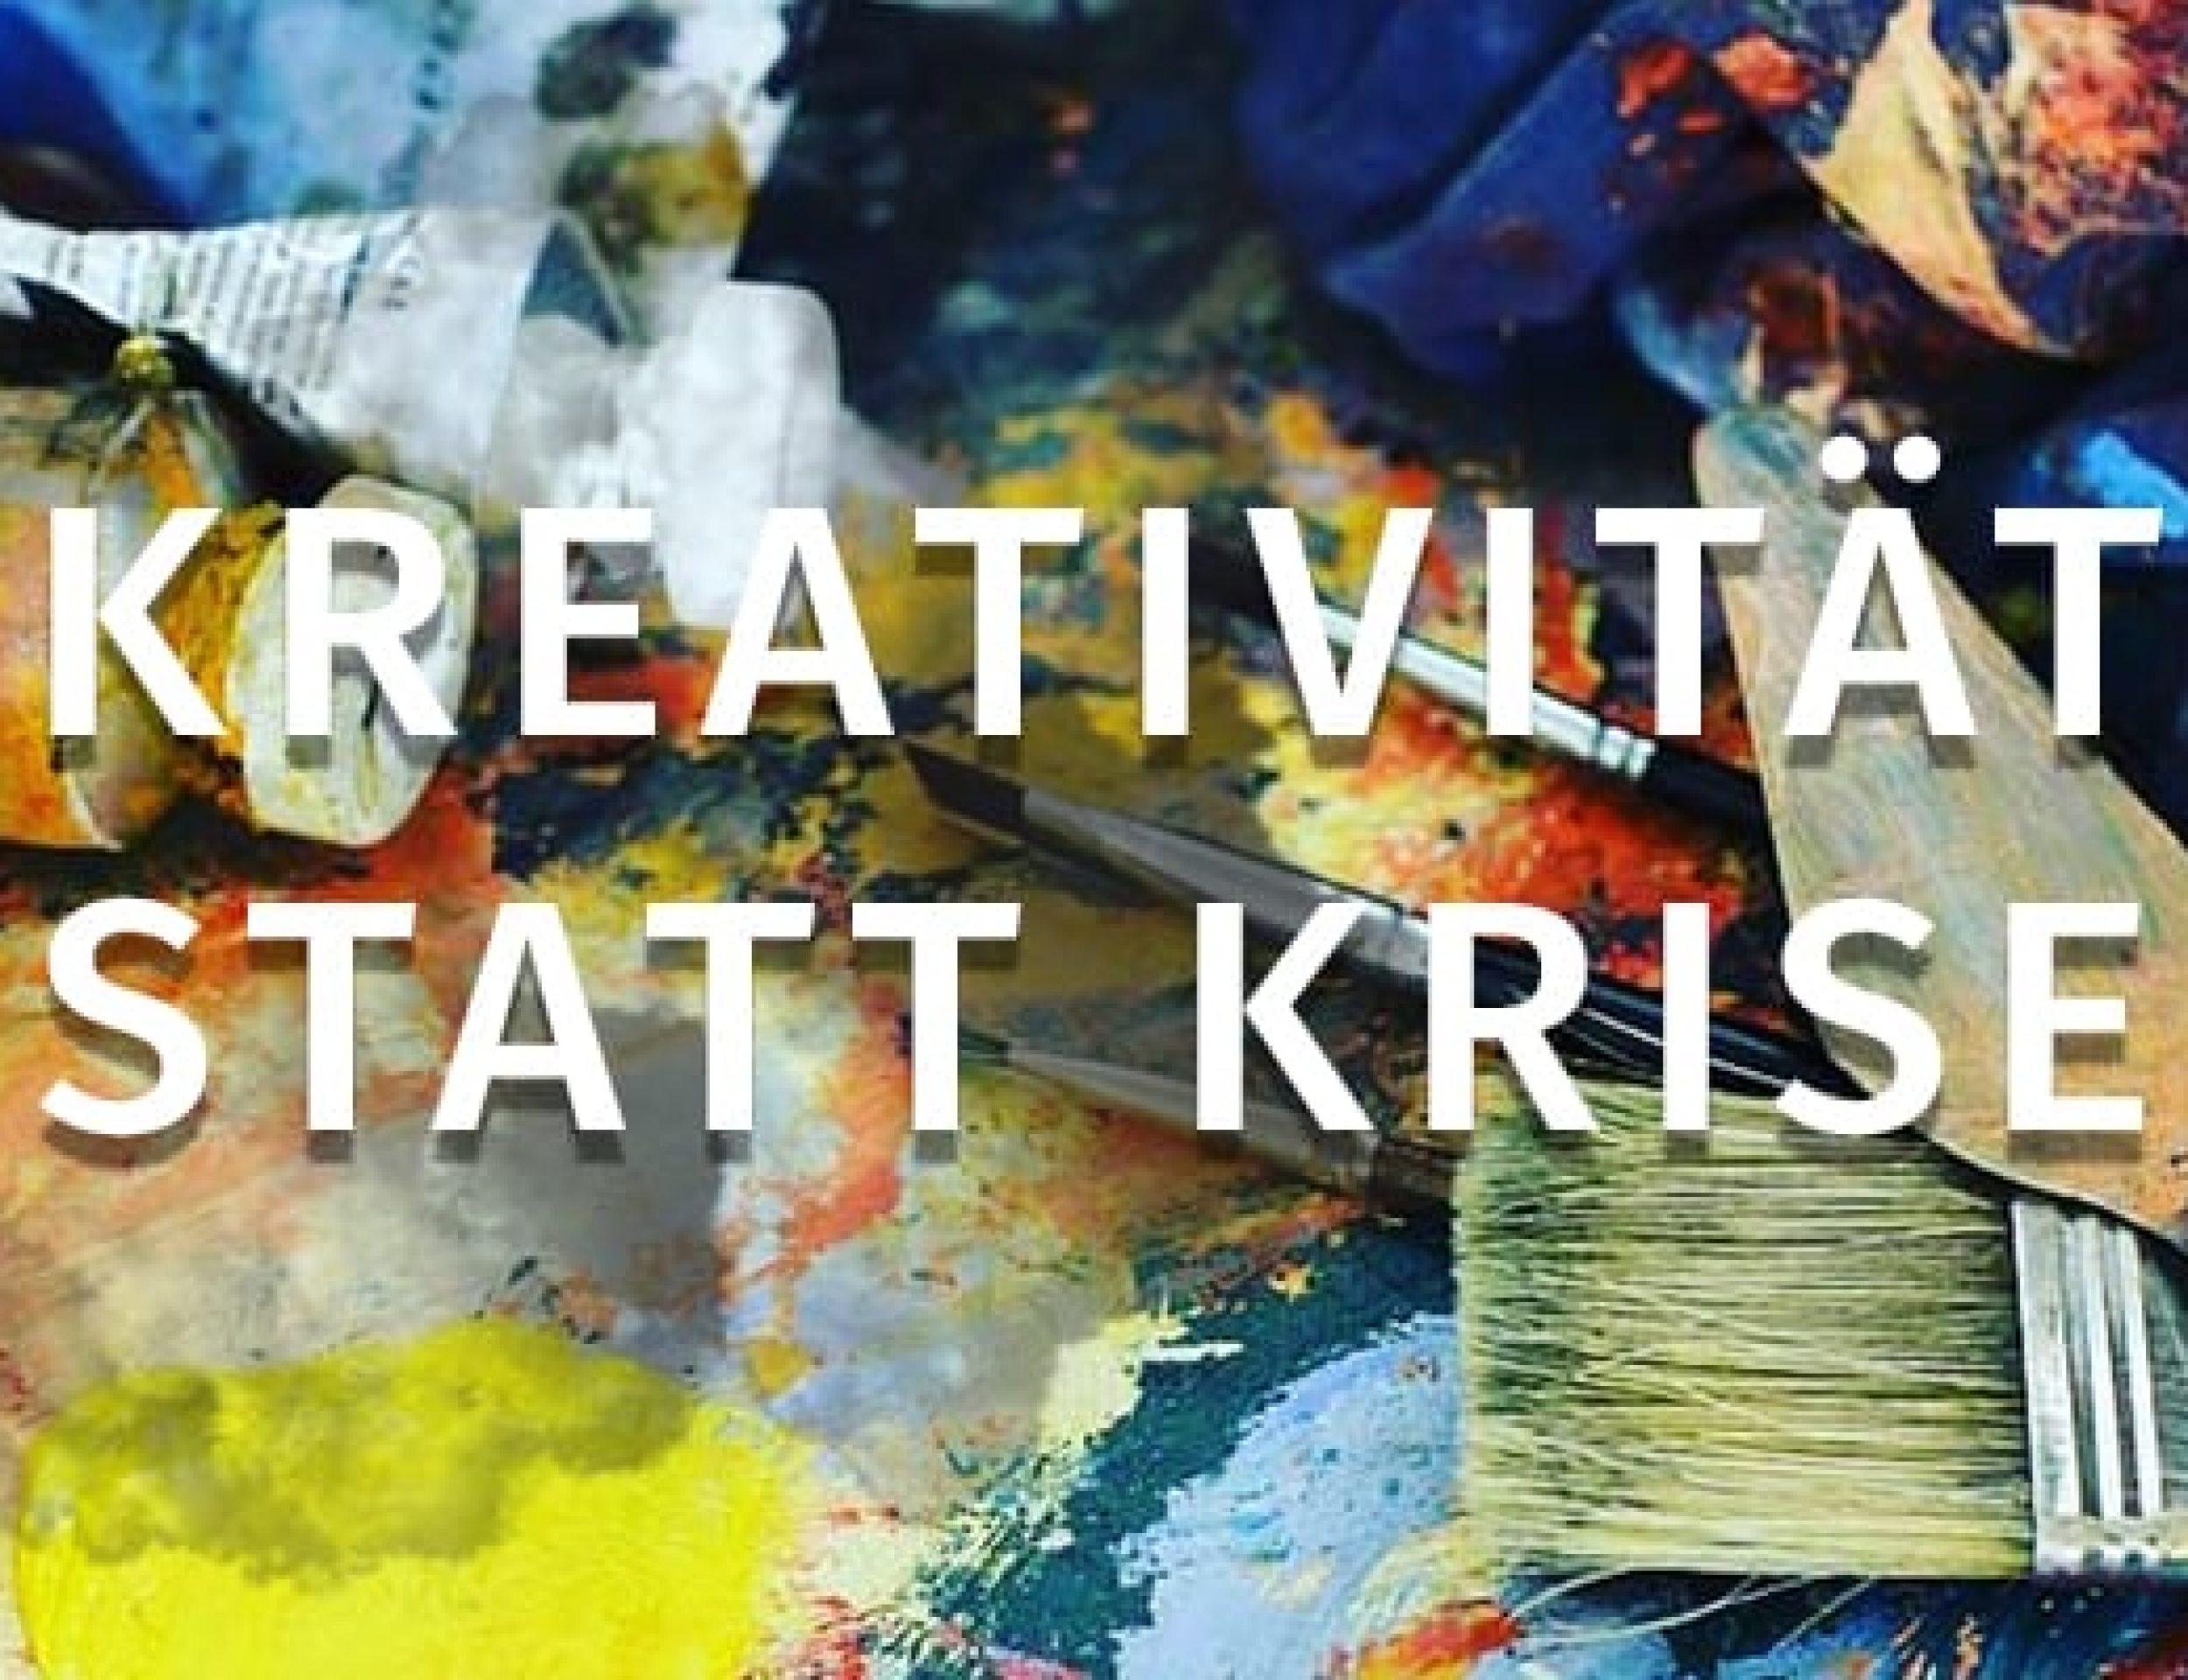 Kreativität statt Krise